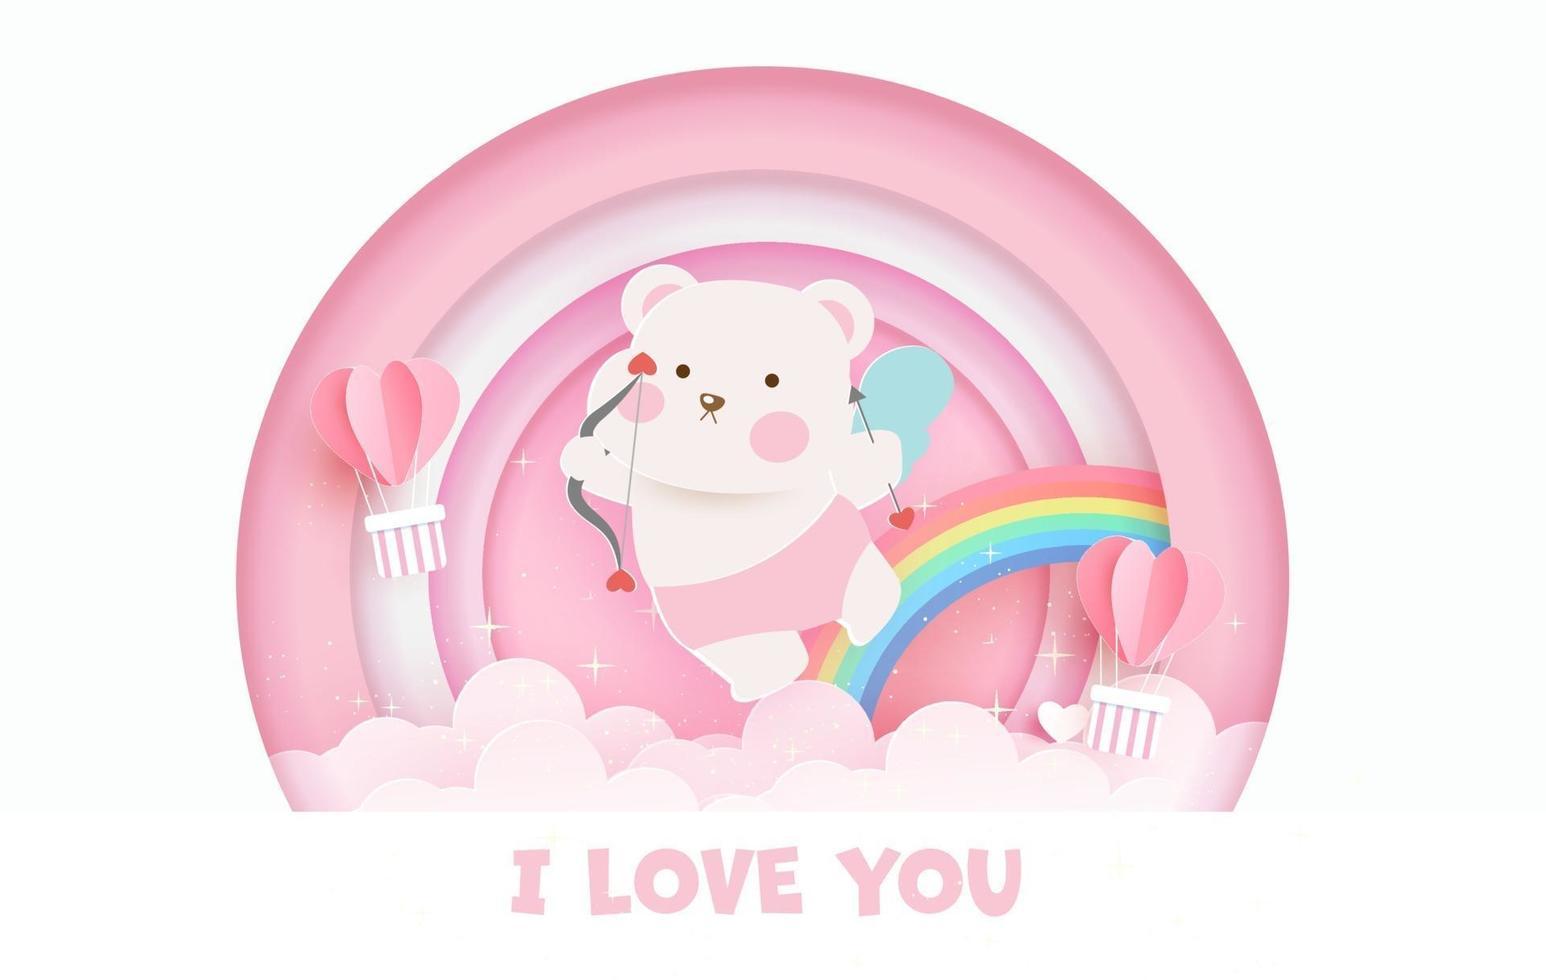 Valentijnsdag wenskaart met schattige cupido beer en regenboog. vector